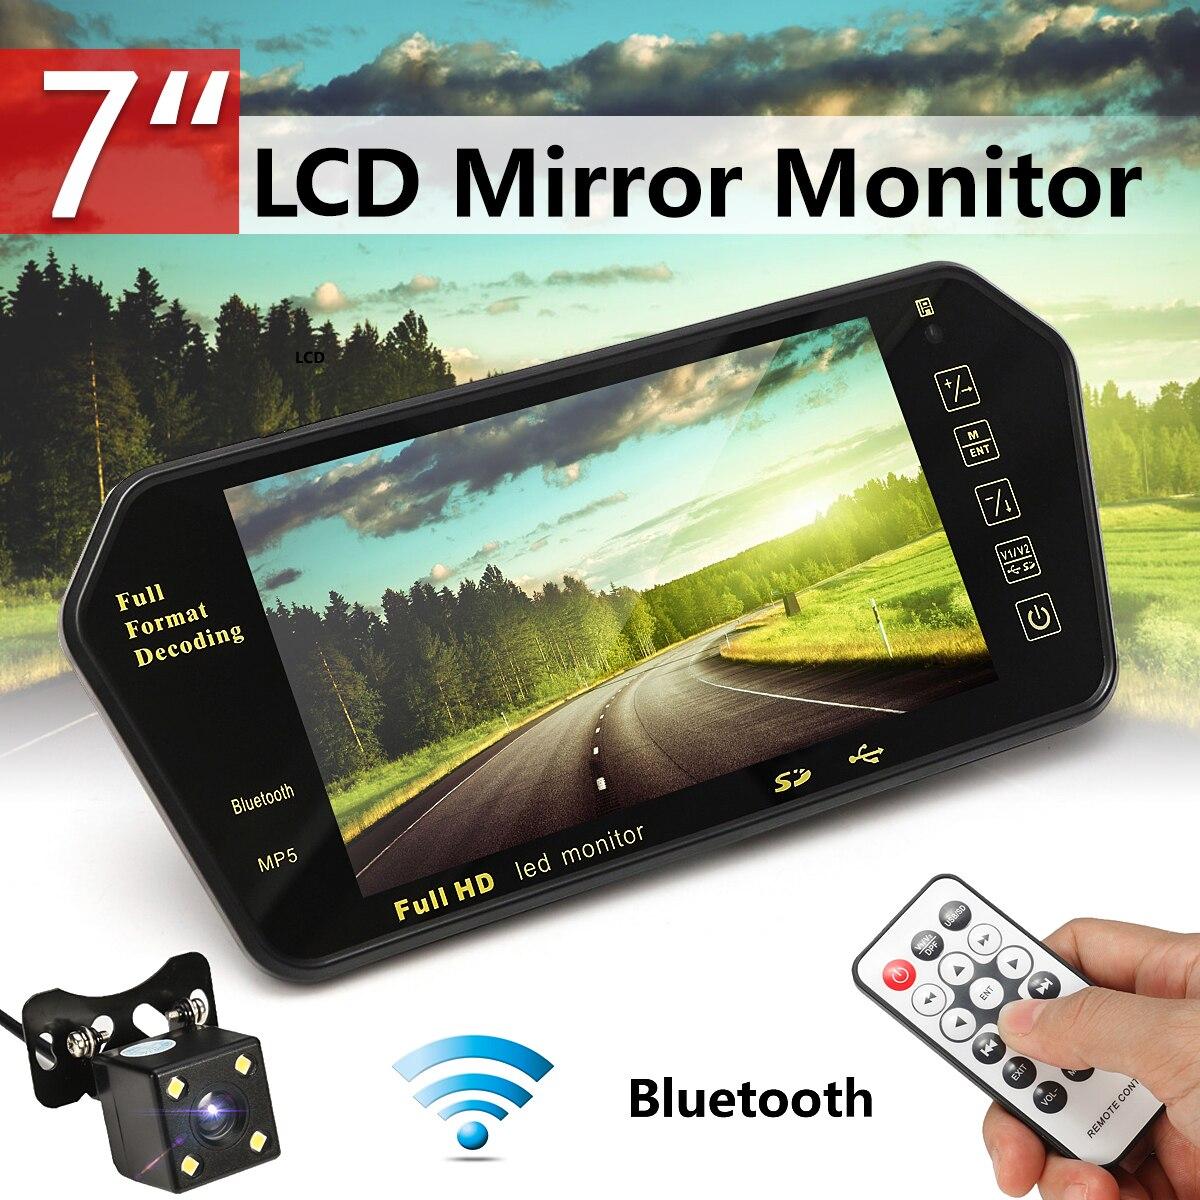 Bluetooth Viedo MP5 плеер дюймов 7 дюймов TFT ЖК дисплей цвет зеркало Мониторы Заднего вида Авто парковочные системы + резервная камера заднего вида